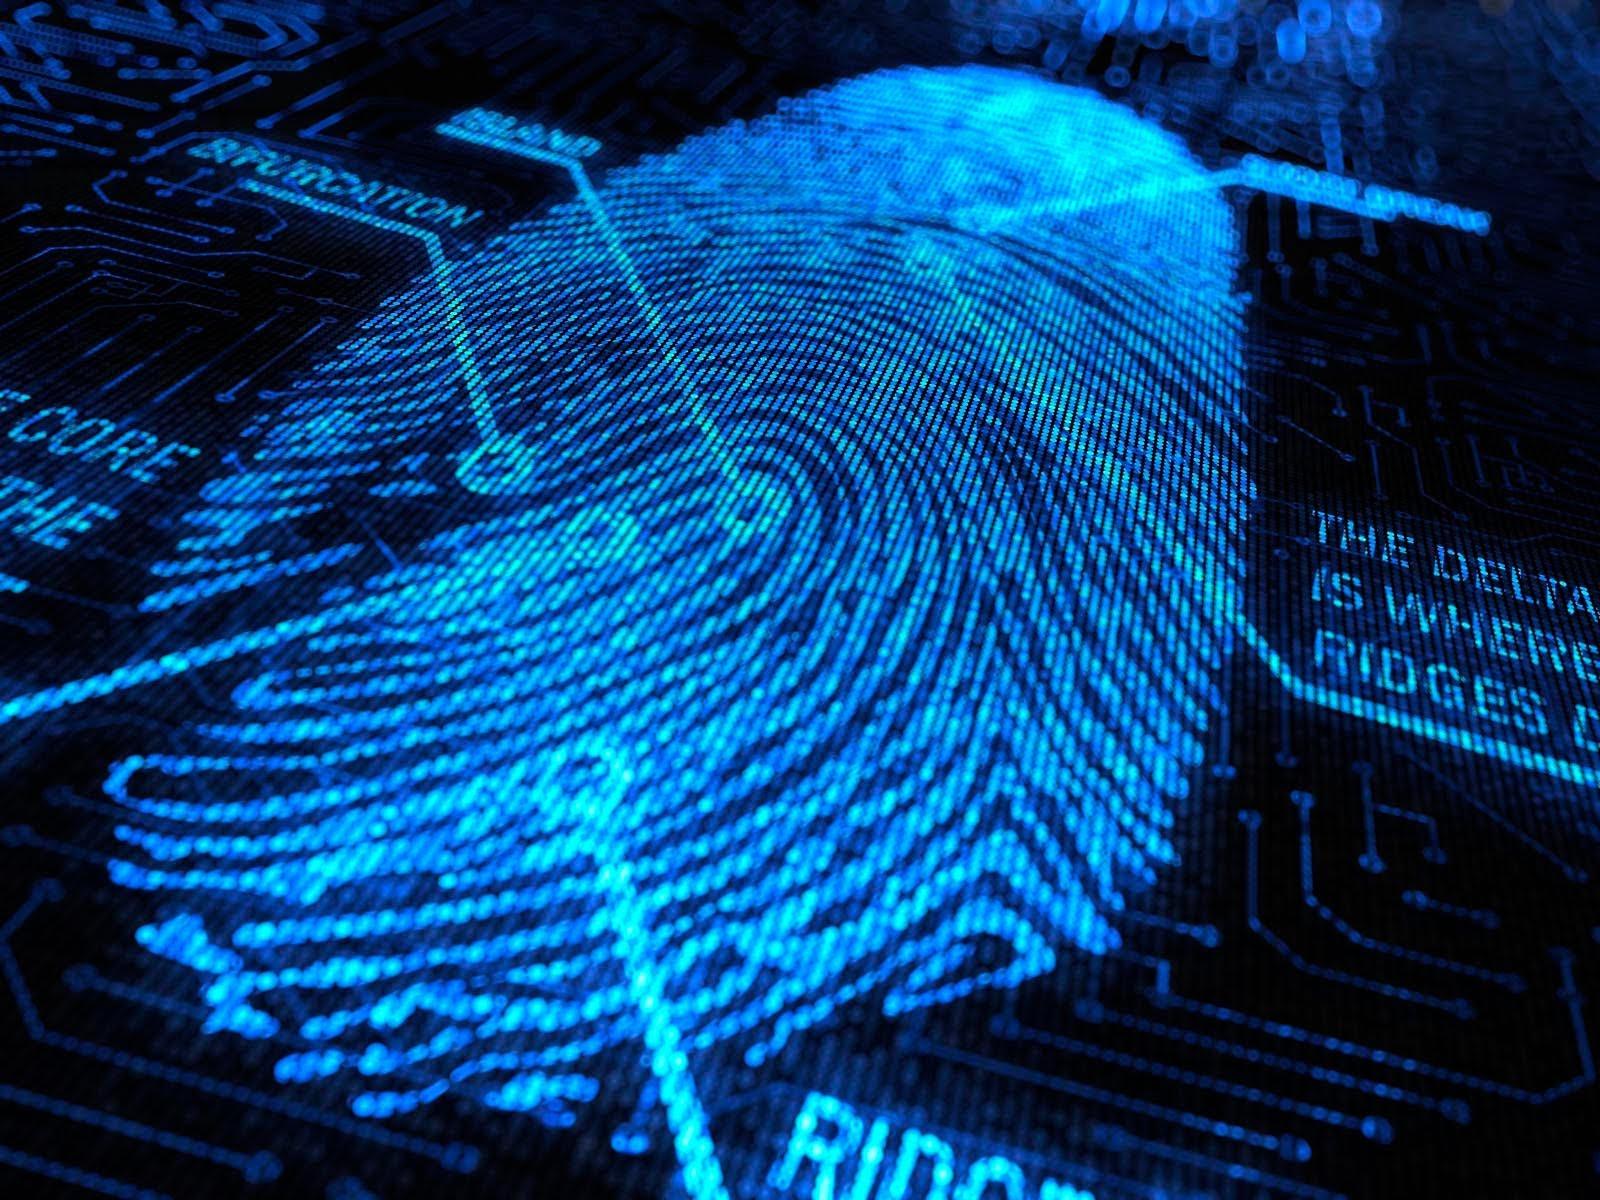 Fingerprint-i.t – Fingerprint Identification Technology